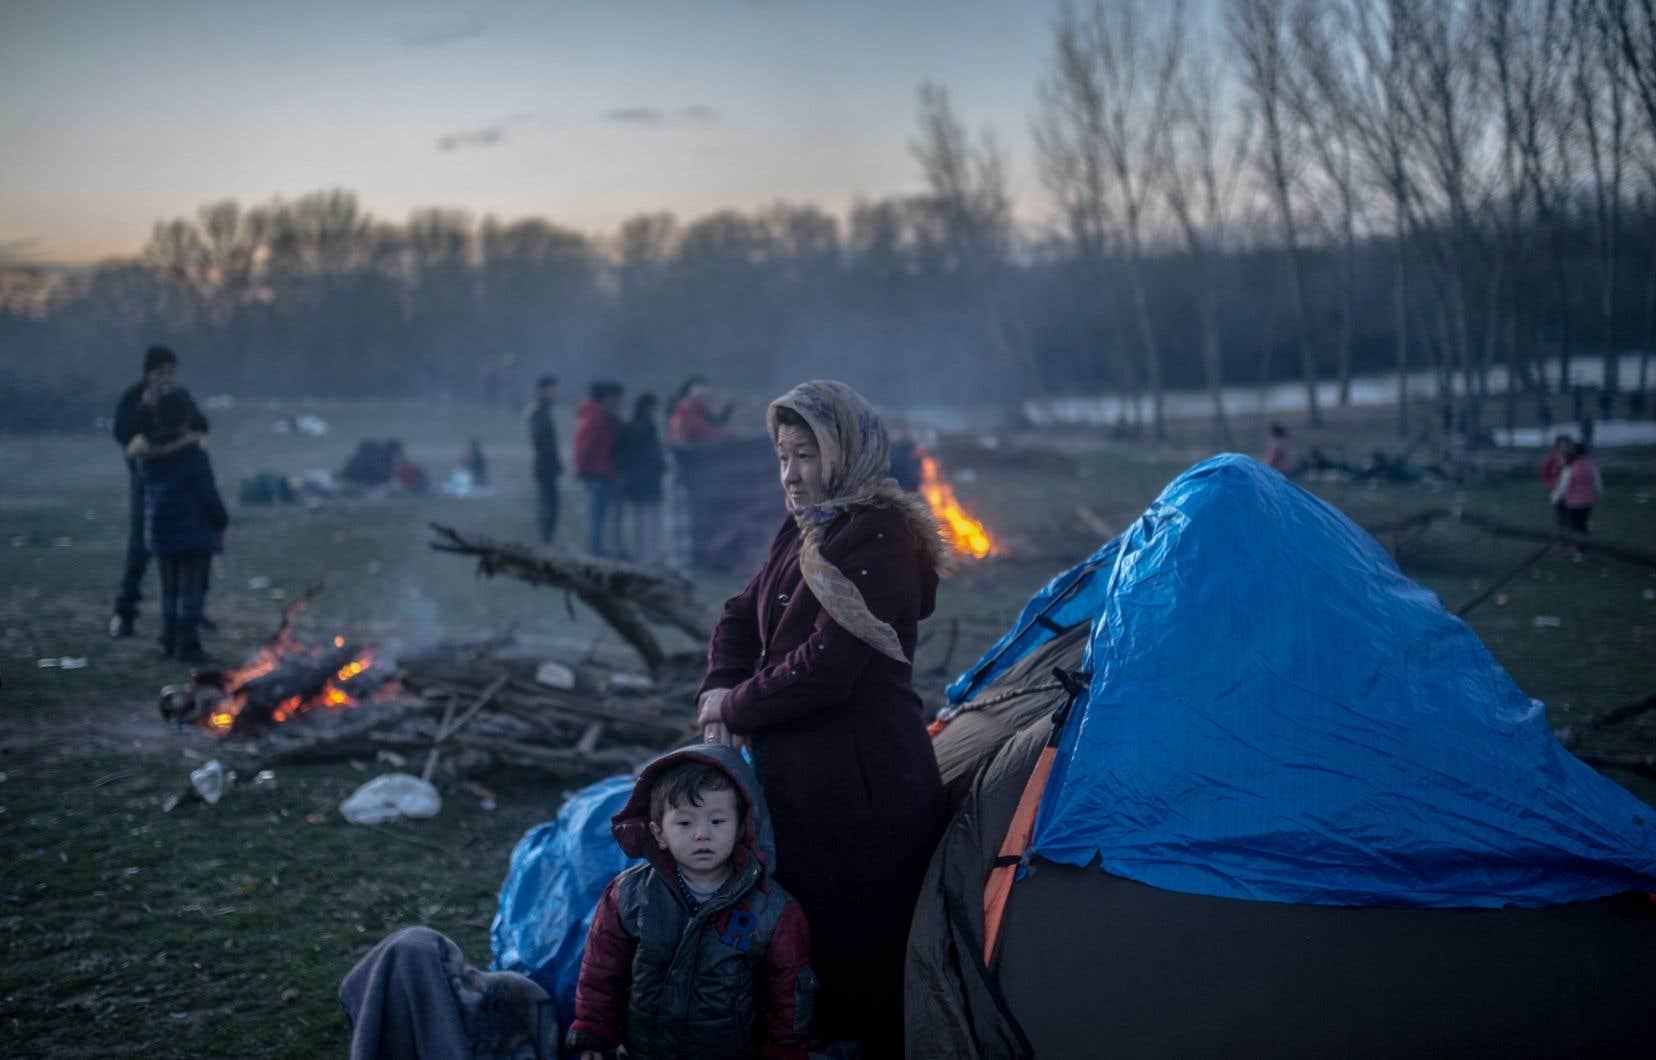 À la frontière entre la Turquie et la Grèce, des milliers de migrants continuaient d'affluer dans l'espoir de traverser, en dépit des mesures musclées prises par Athènes.